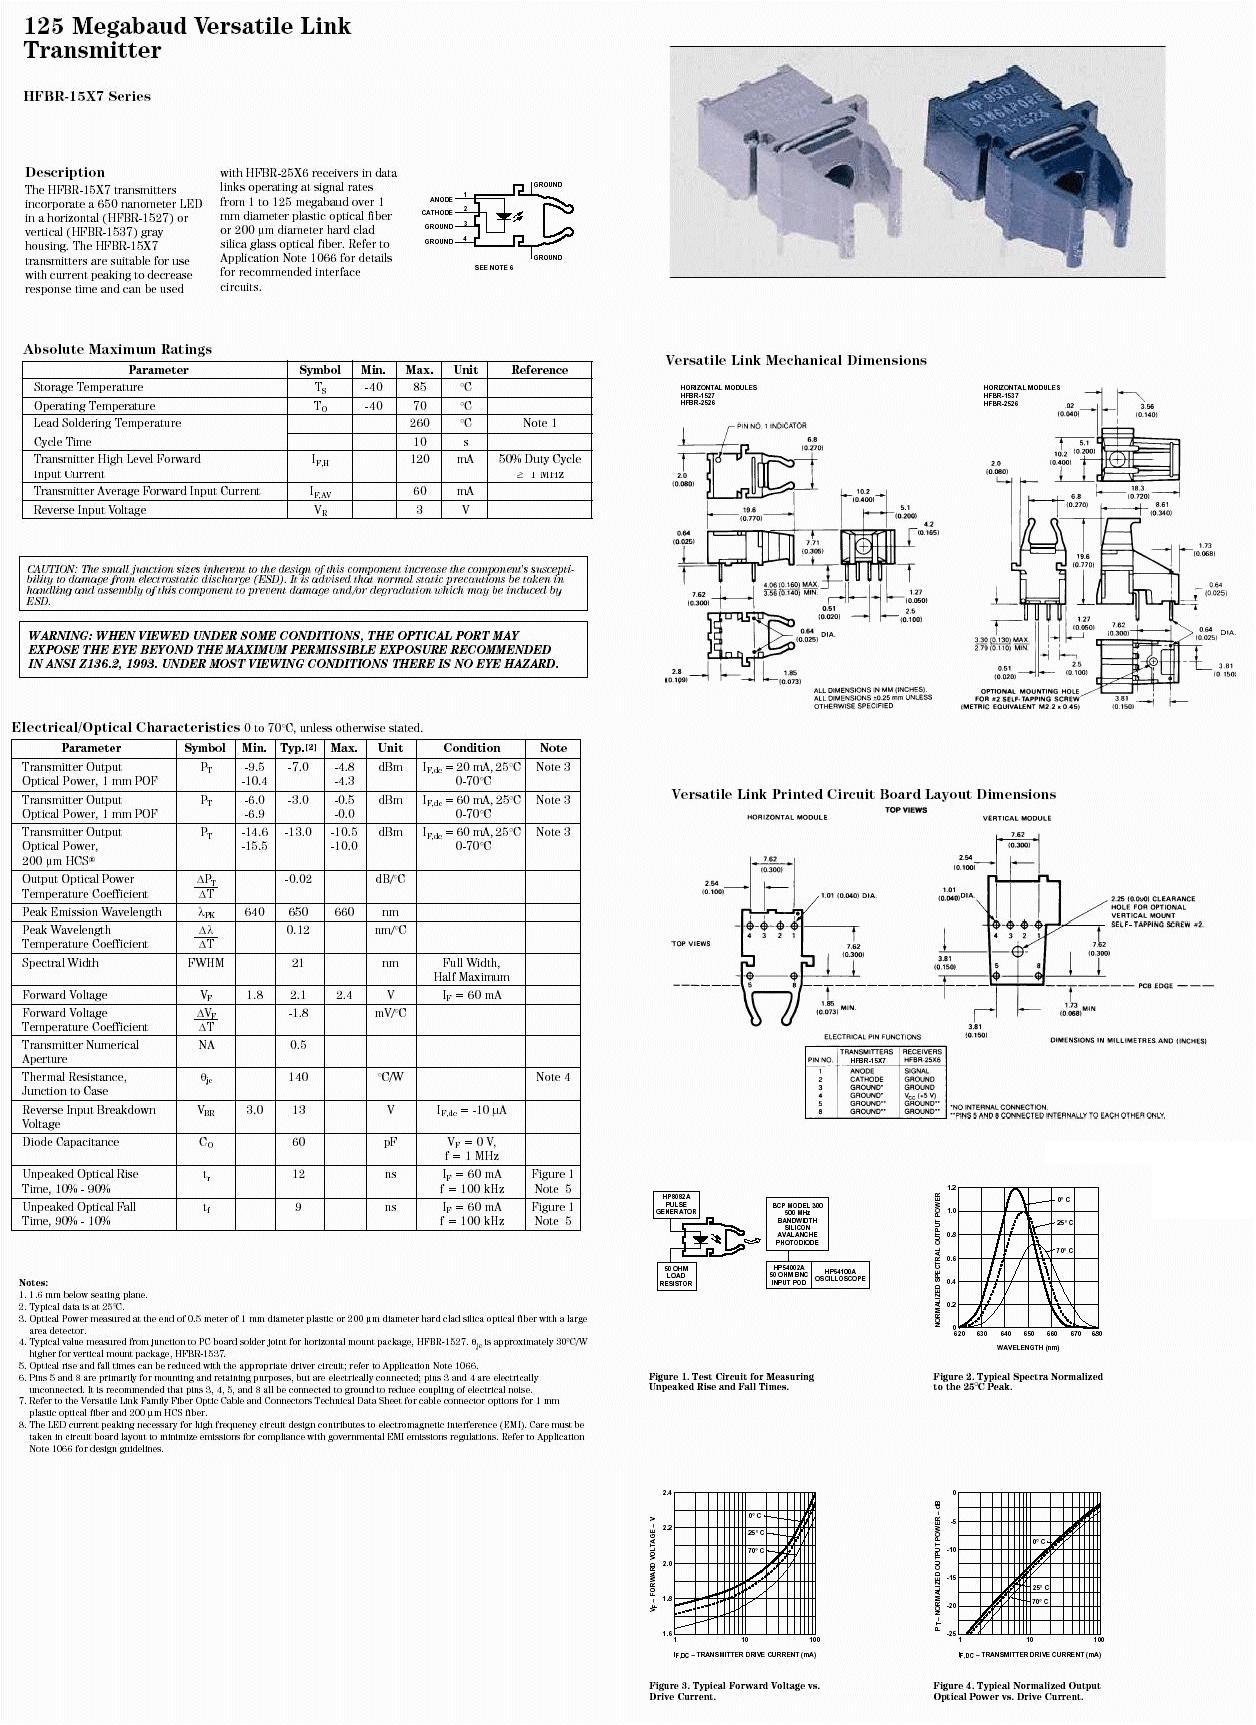 Optikai adó 5MBd Toslink beépíthető HFBR1527